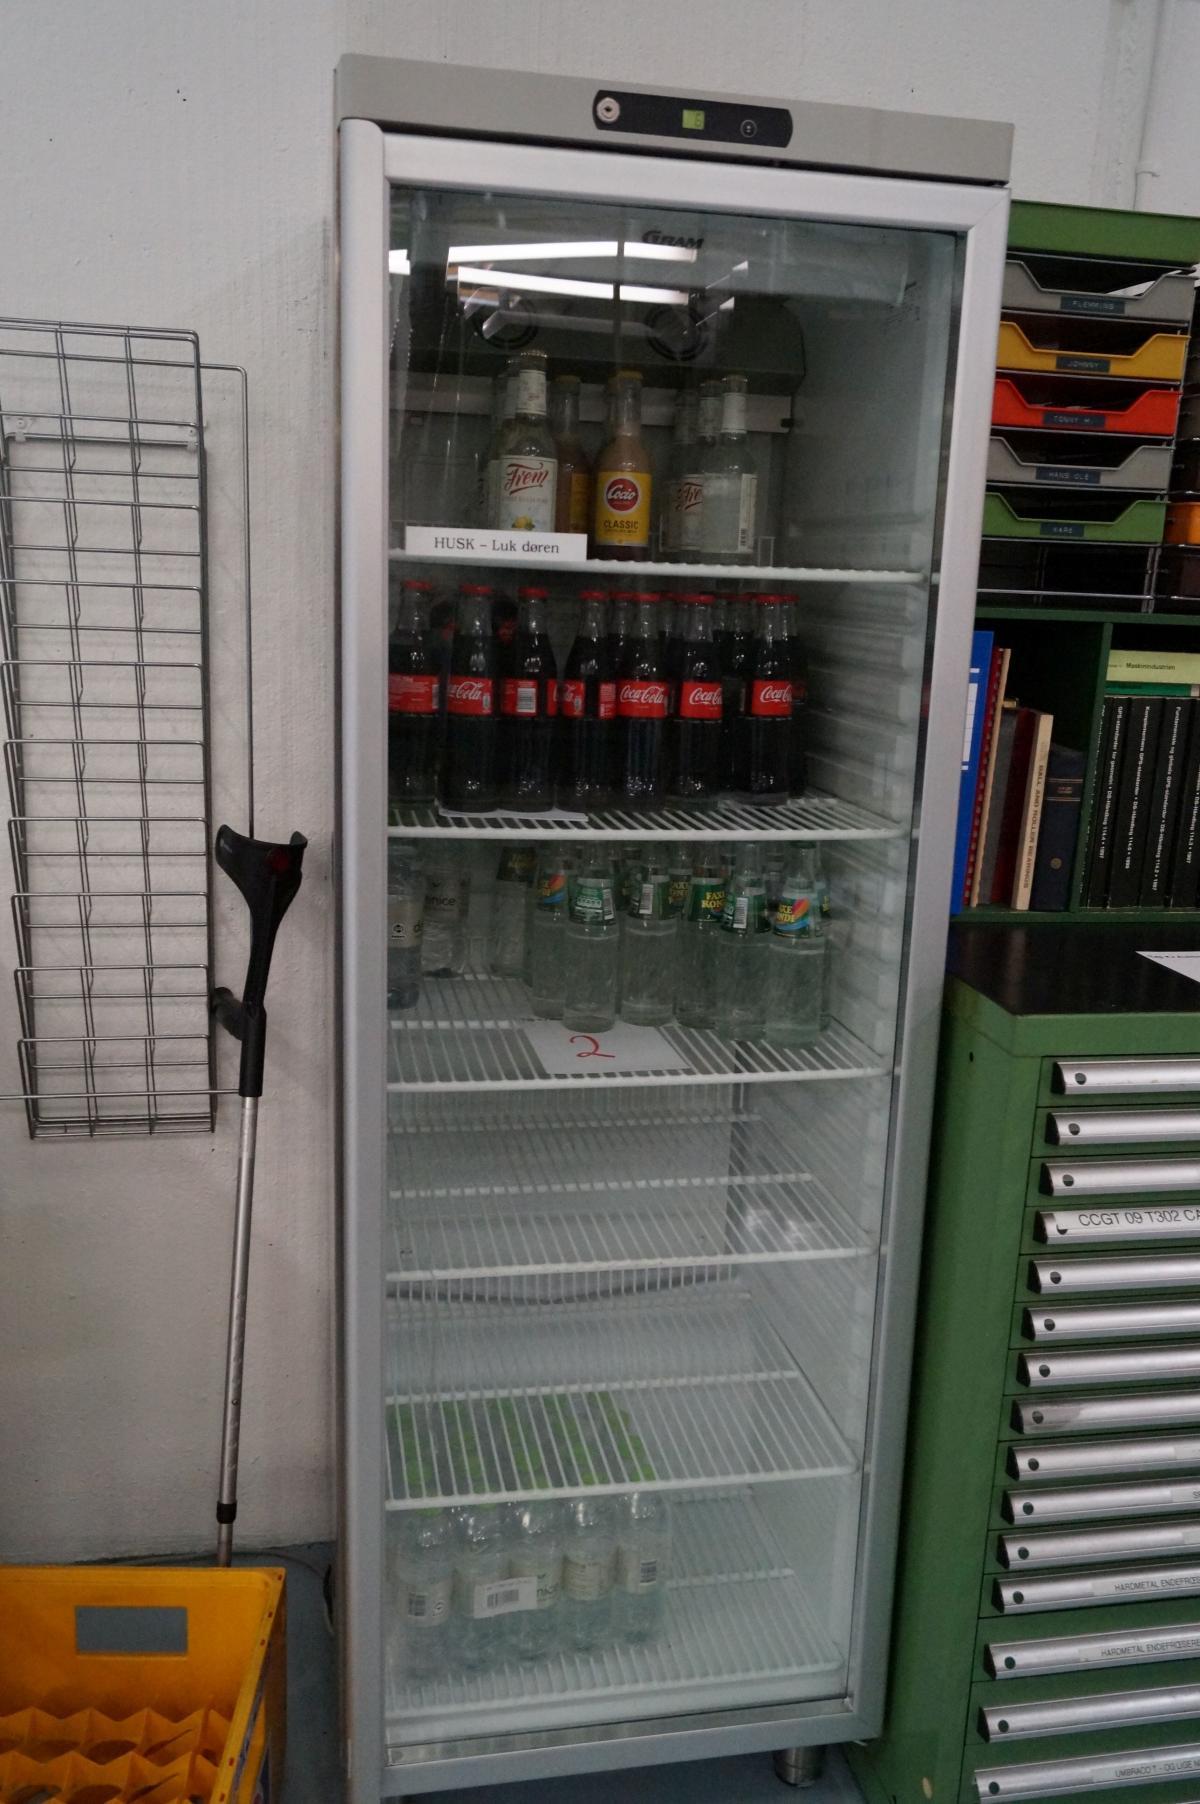 Kühlschrank mit Glastür Marke Gramm ohne Inhalt. - KJ Auktion ...